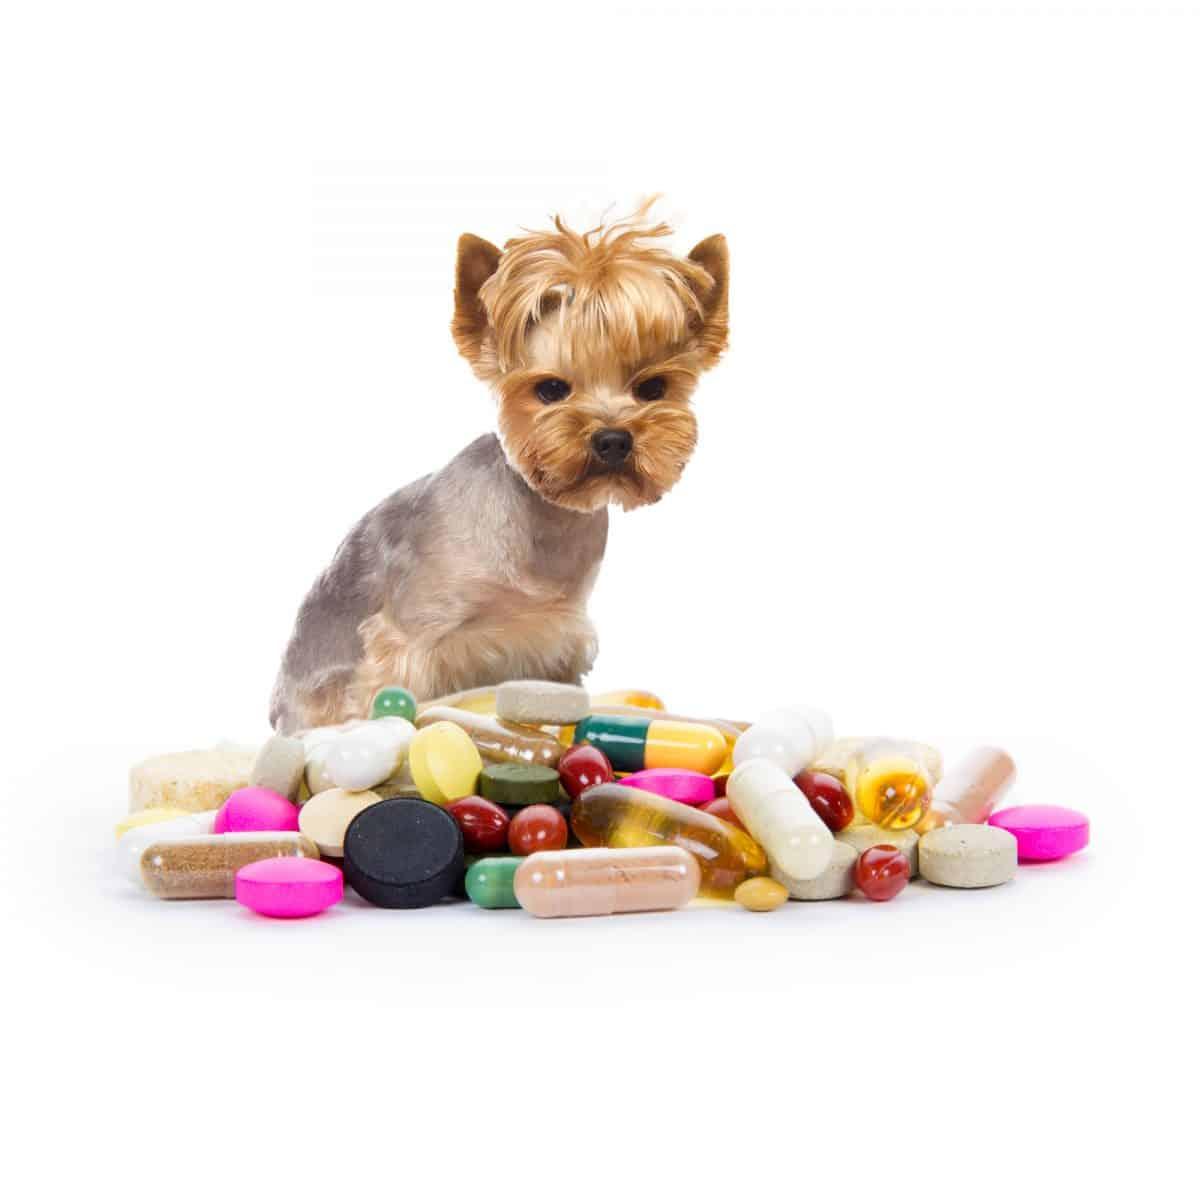 Ludzkie leki - można je podawać zwierzakom?